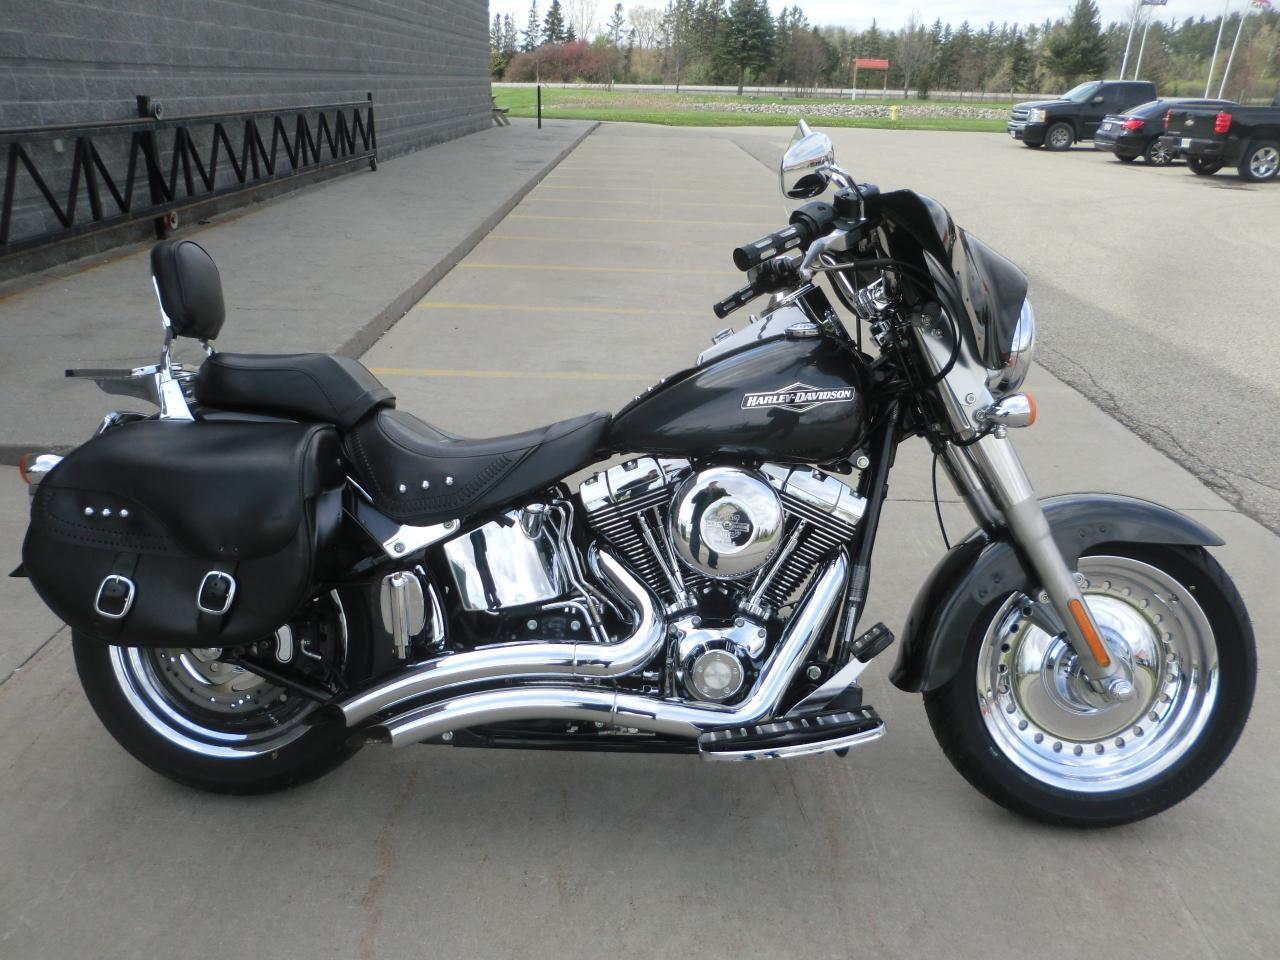 Used 2009 Harley-Davidson FAT BOY for Sale in Blenheim